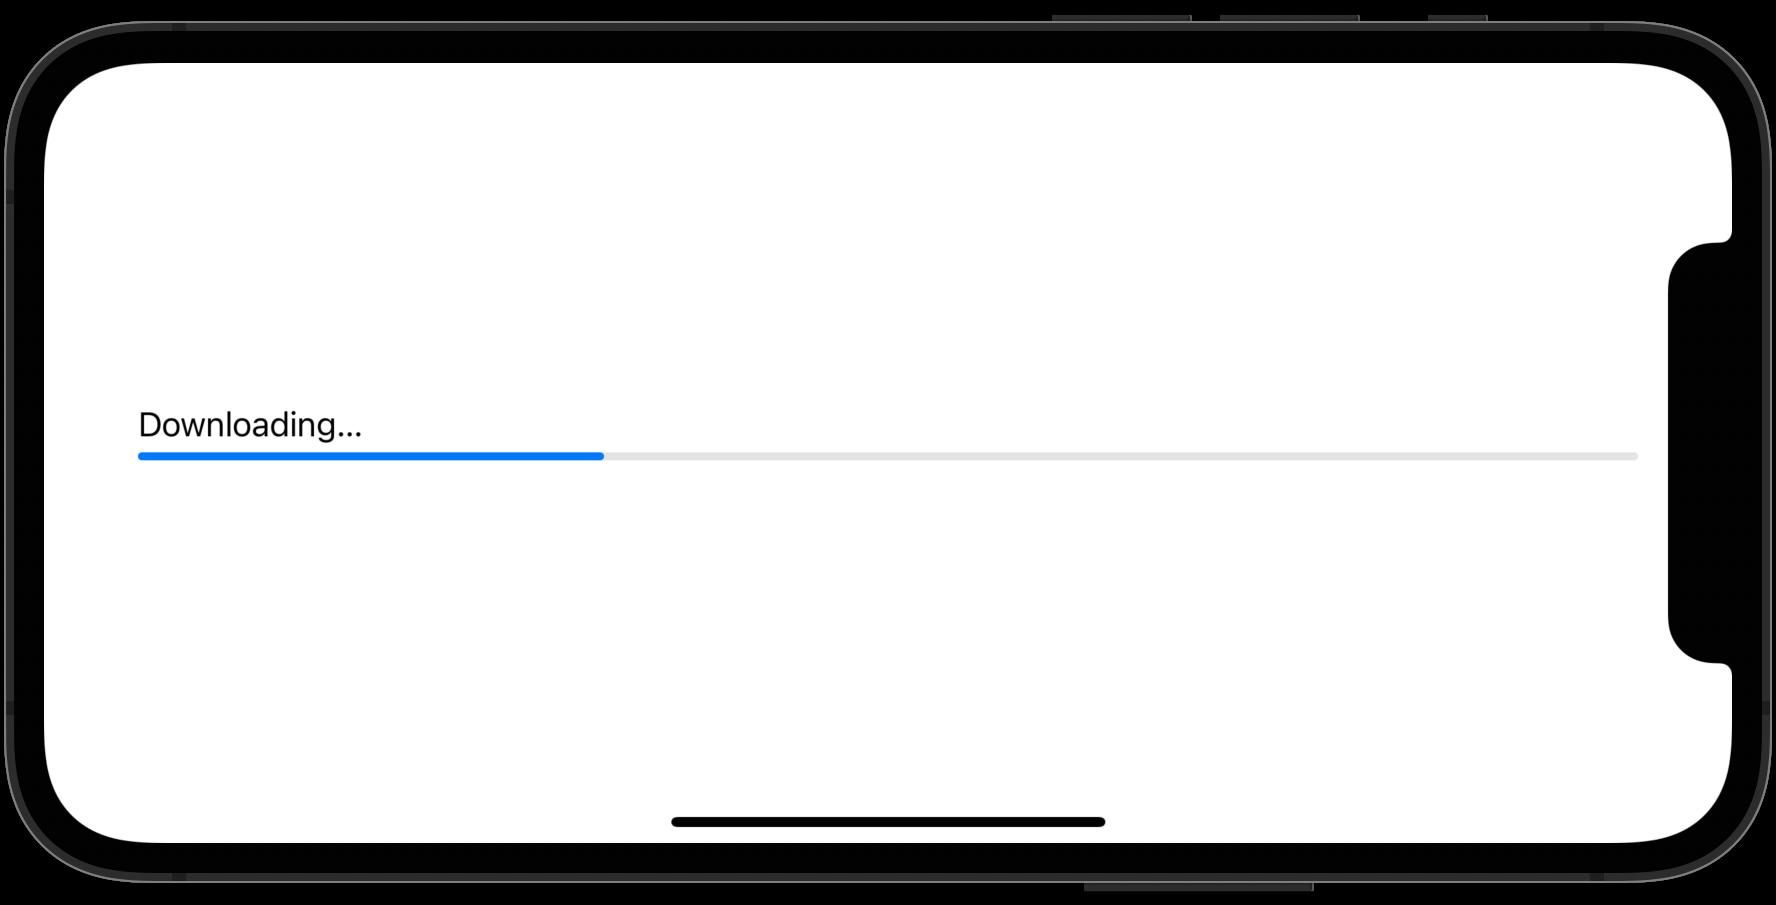 タイマーを使用した例